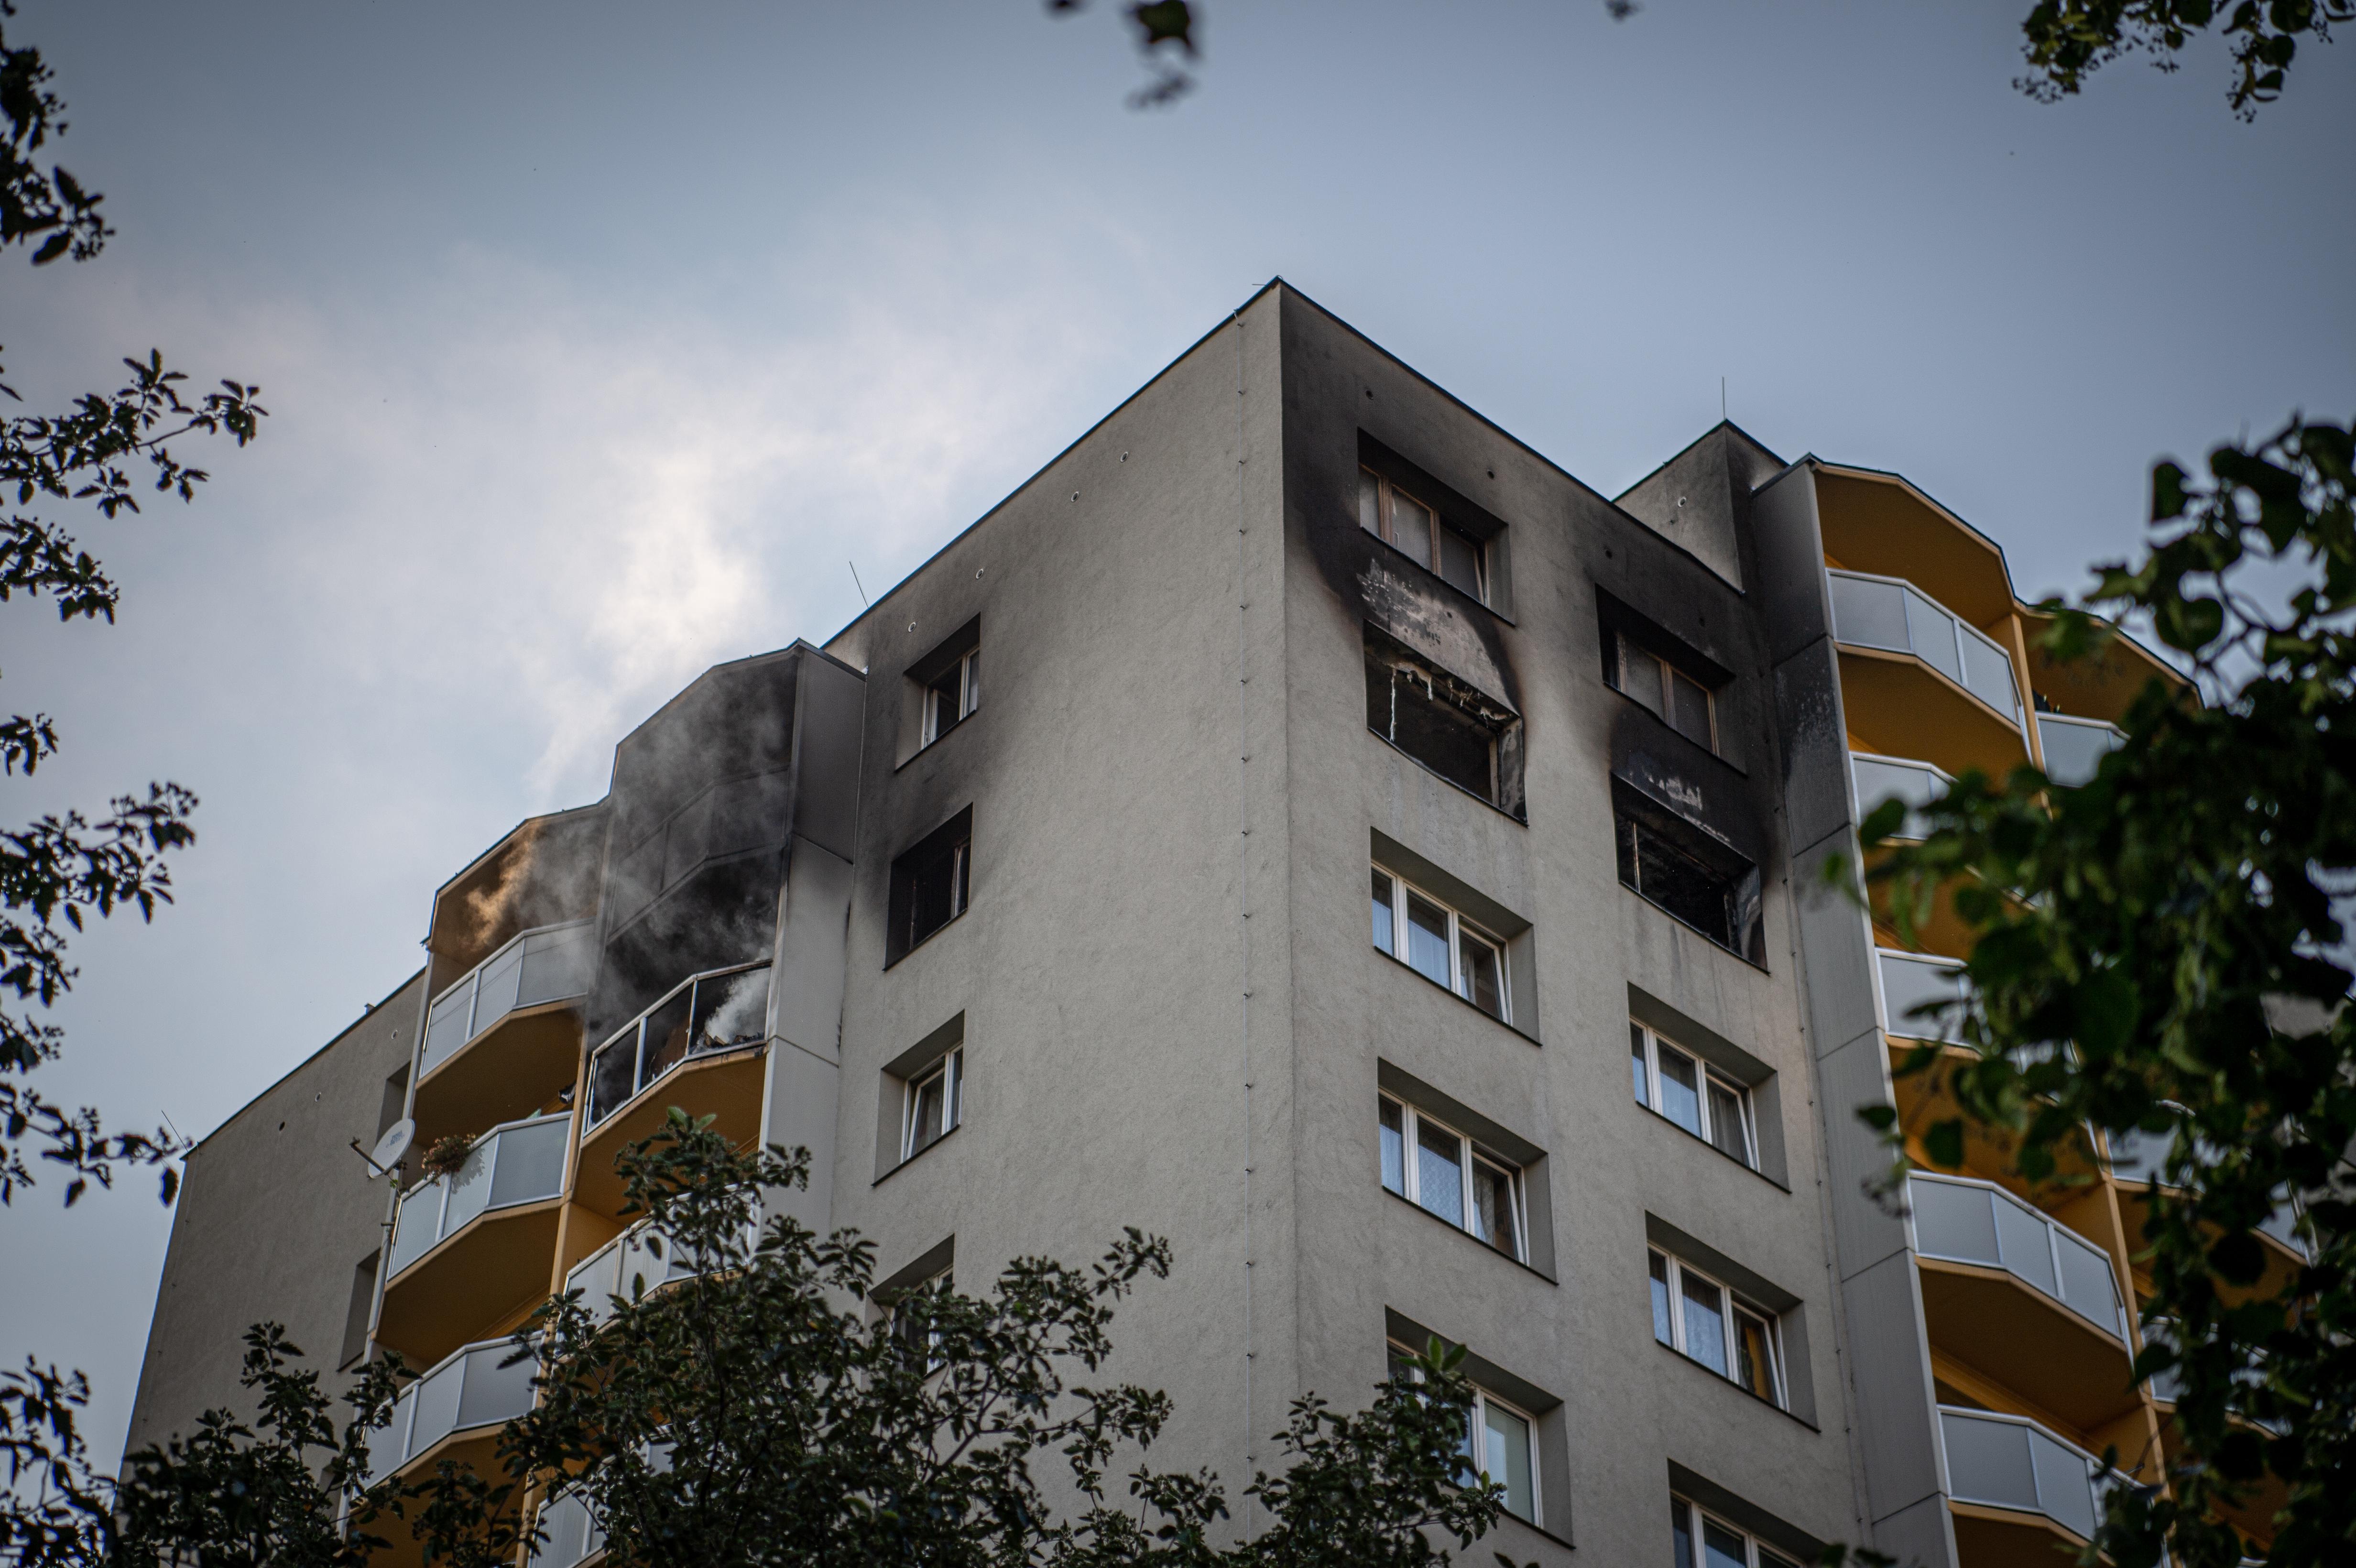 11 halott a gyújtogatás miatt kitört cseh toronyháztűzben, 5 ember kiugrott az ablakon